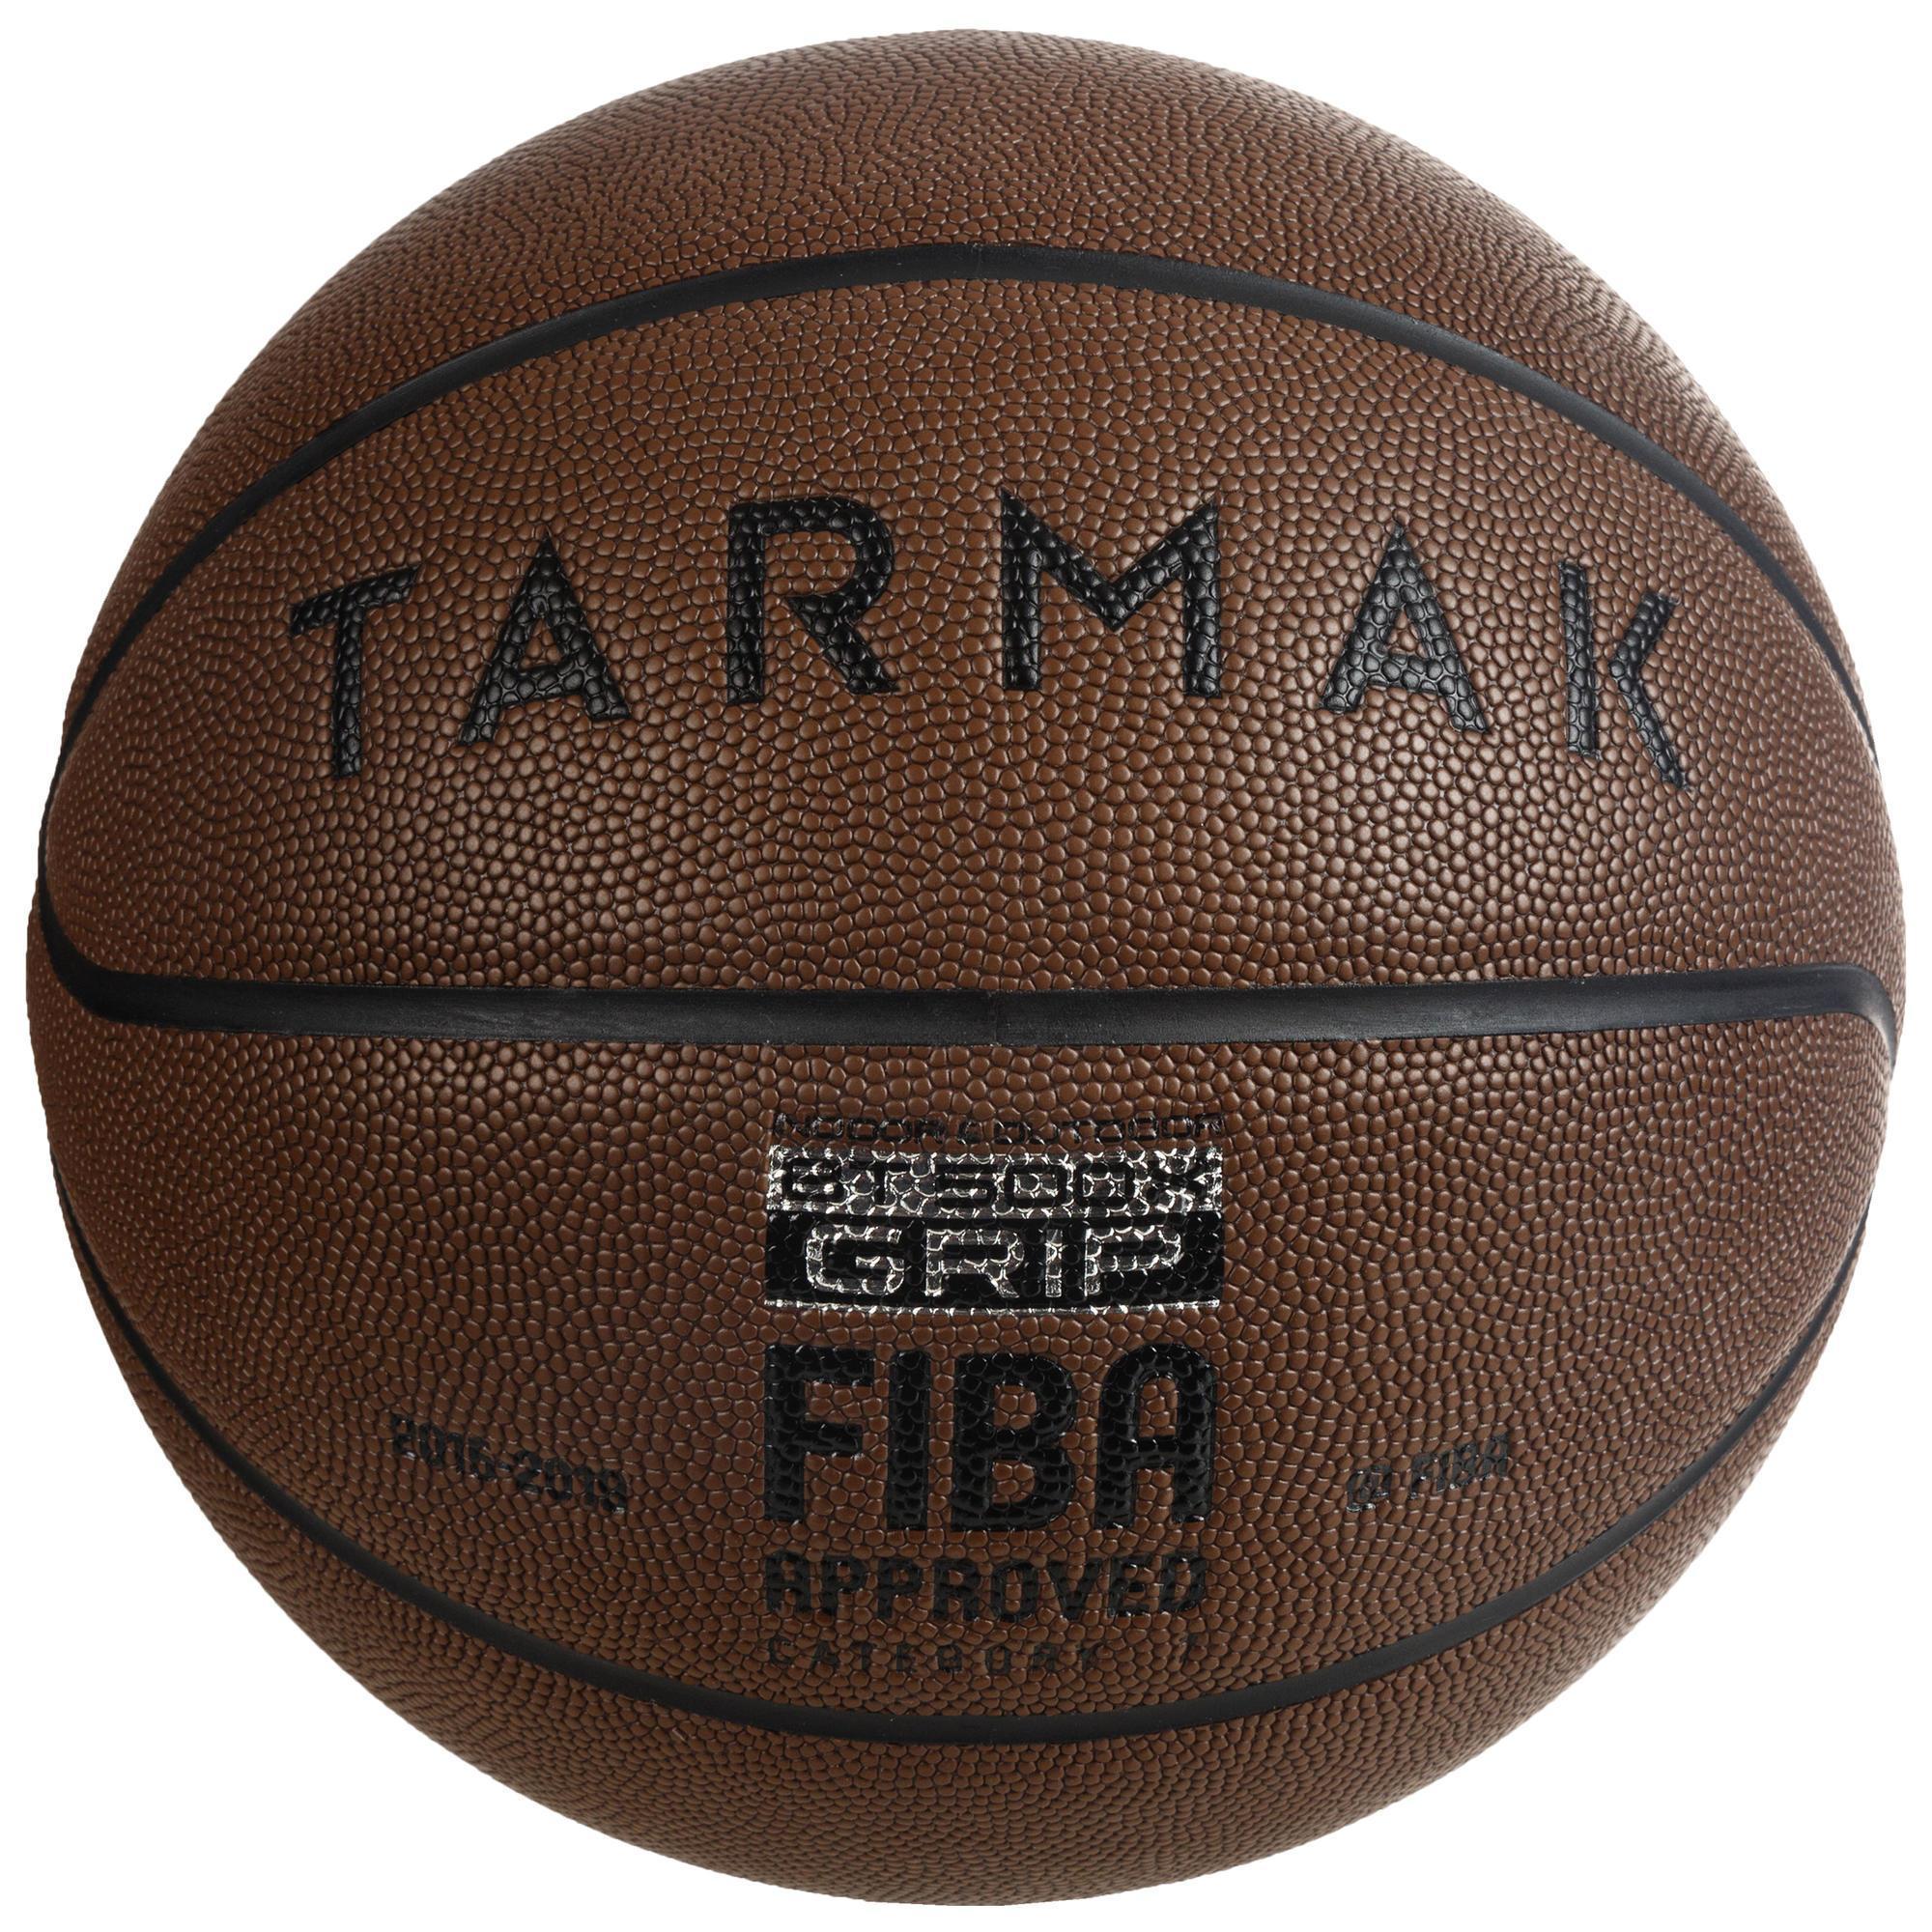 Basketball BT500 Größe 7 Grip Erwachsene braun Super Ballgefühl